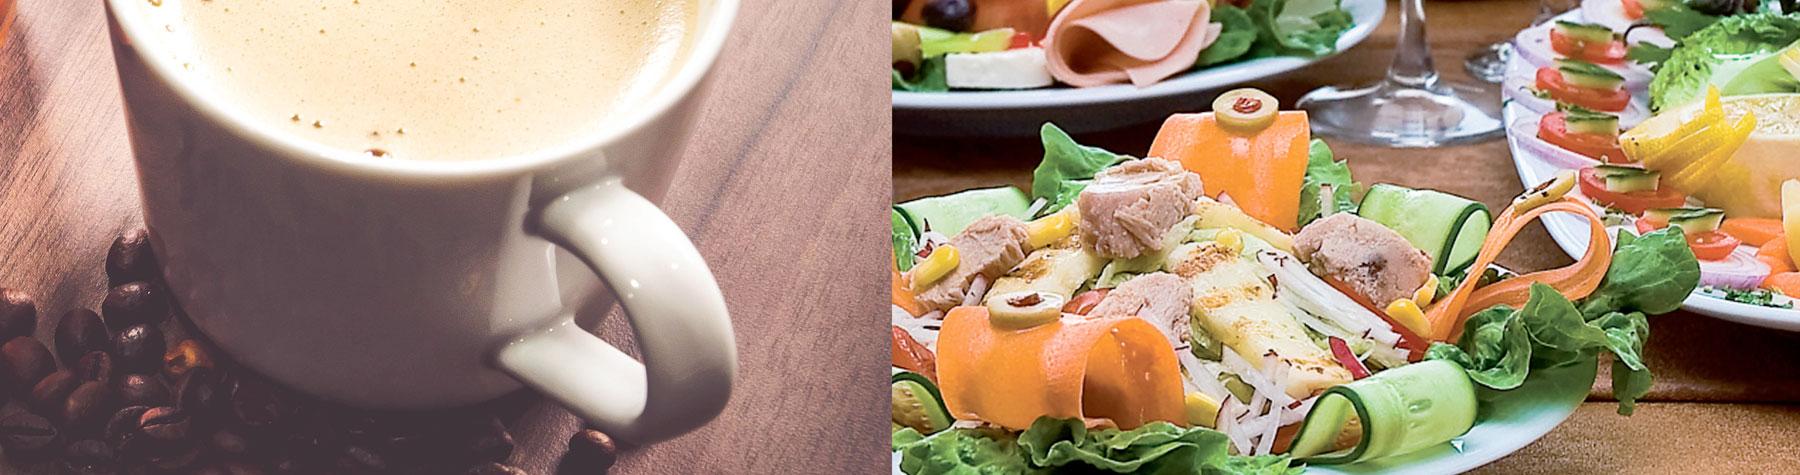 Nederlandse koffiecultuur versus wereldwijde eetcultuur